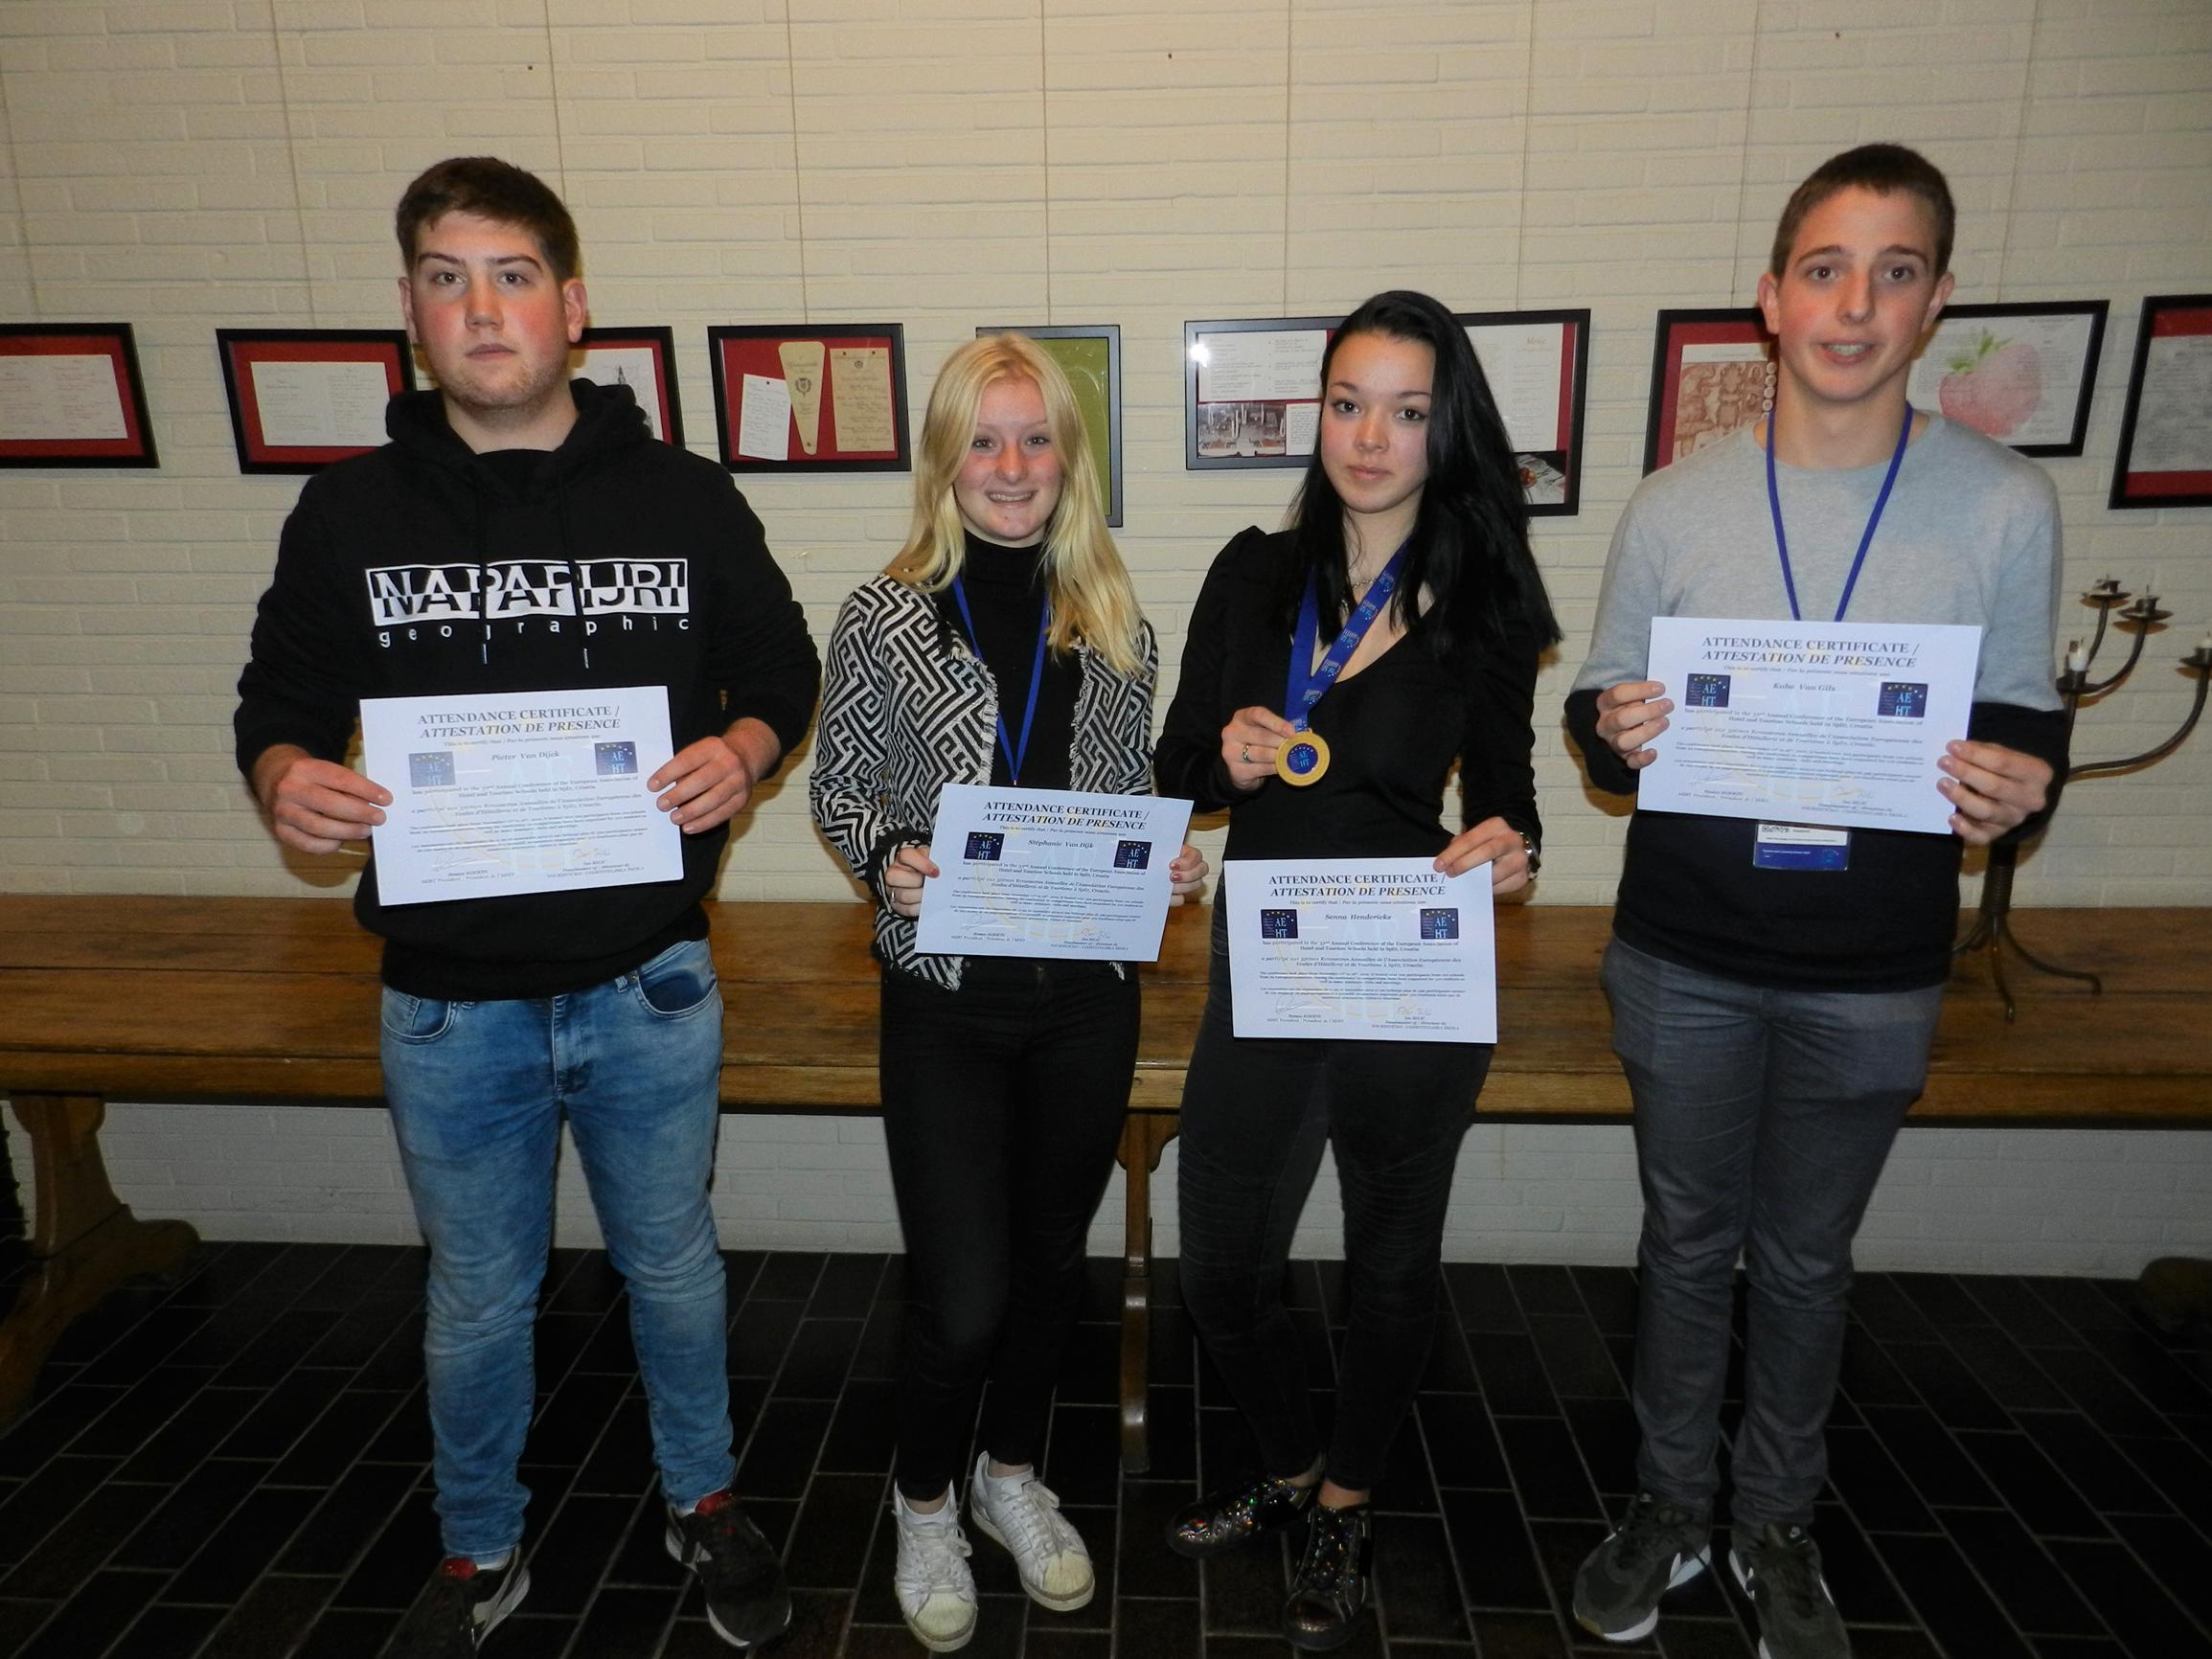 Leerlinge VTI Spijker wint gouden medaille (Turnhout) - Het Nieuwsblad